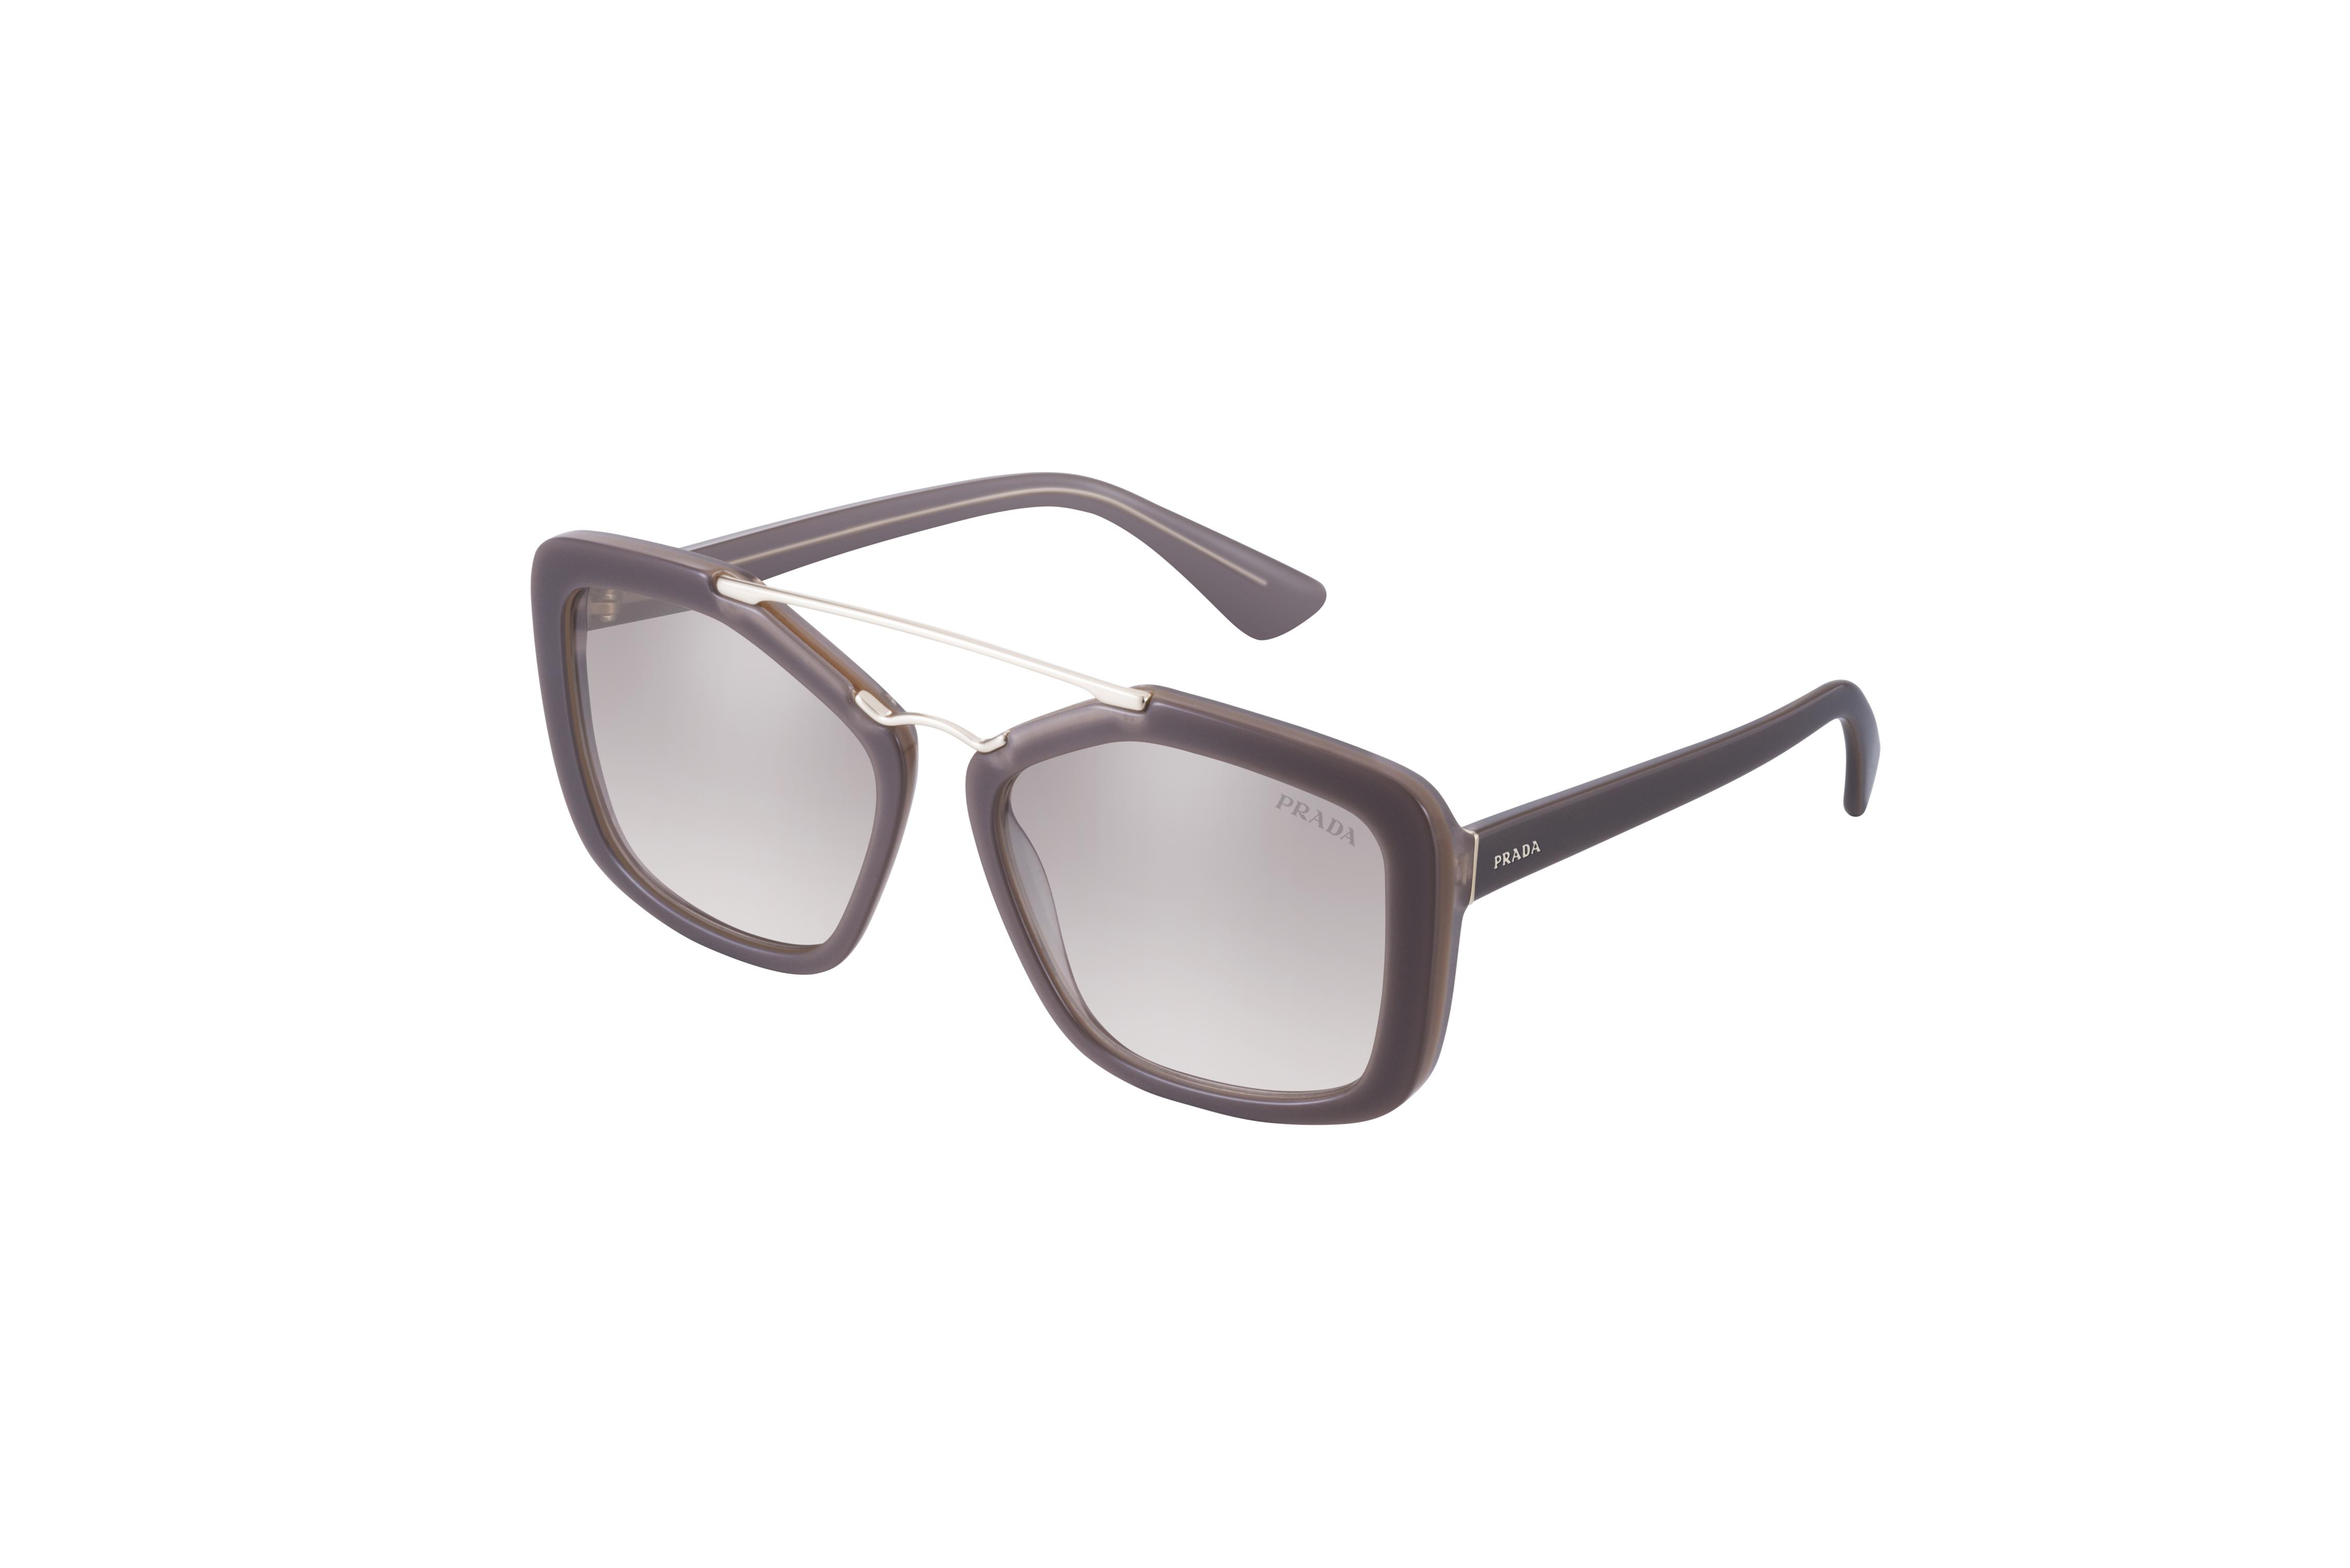 Les lunettes de la nouvelle collection Prada Eyewear Homme Printemps Été  2015 reflètent l exigence stylistique de créer un objet simple, dont la  valeur ne ... 53ba691dc73f